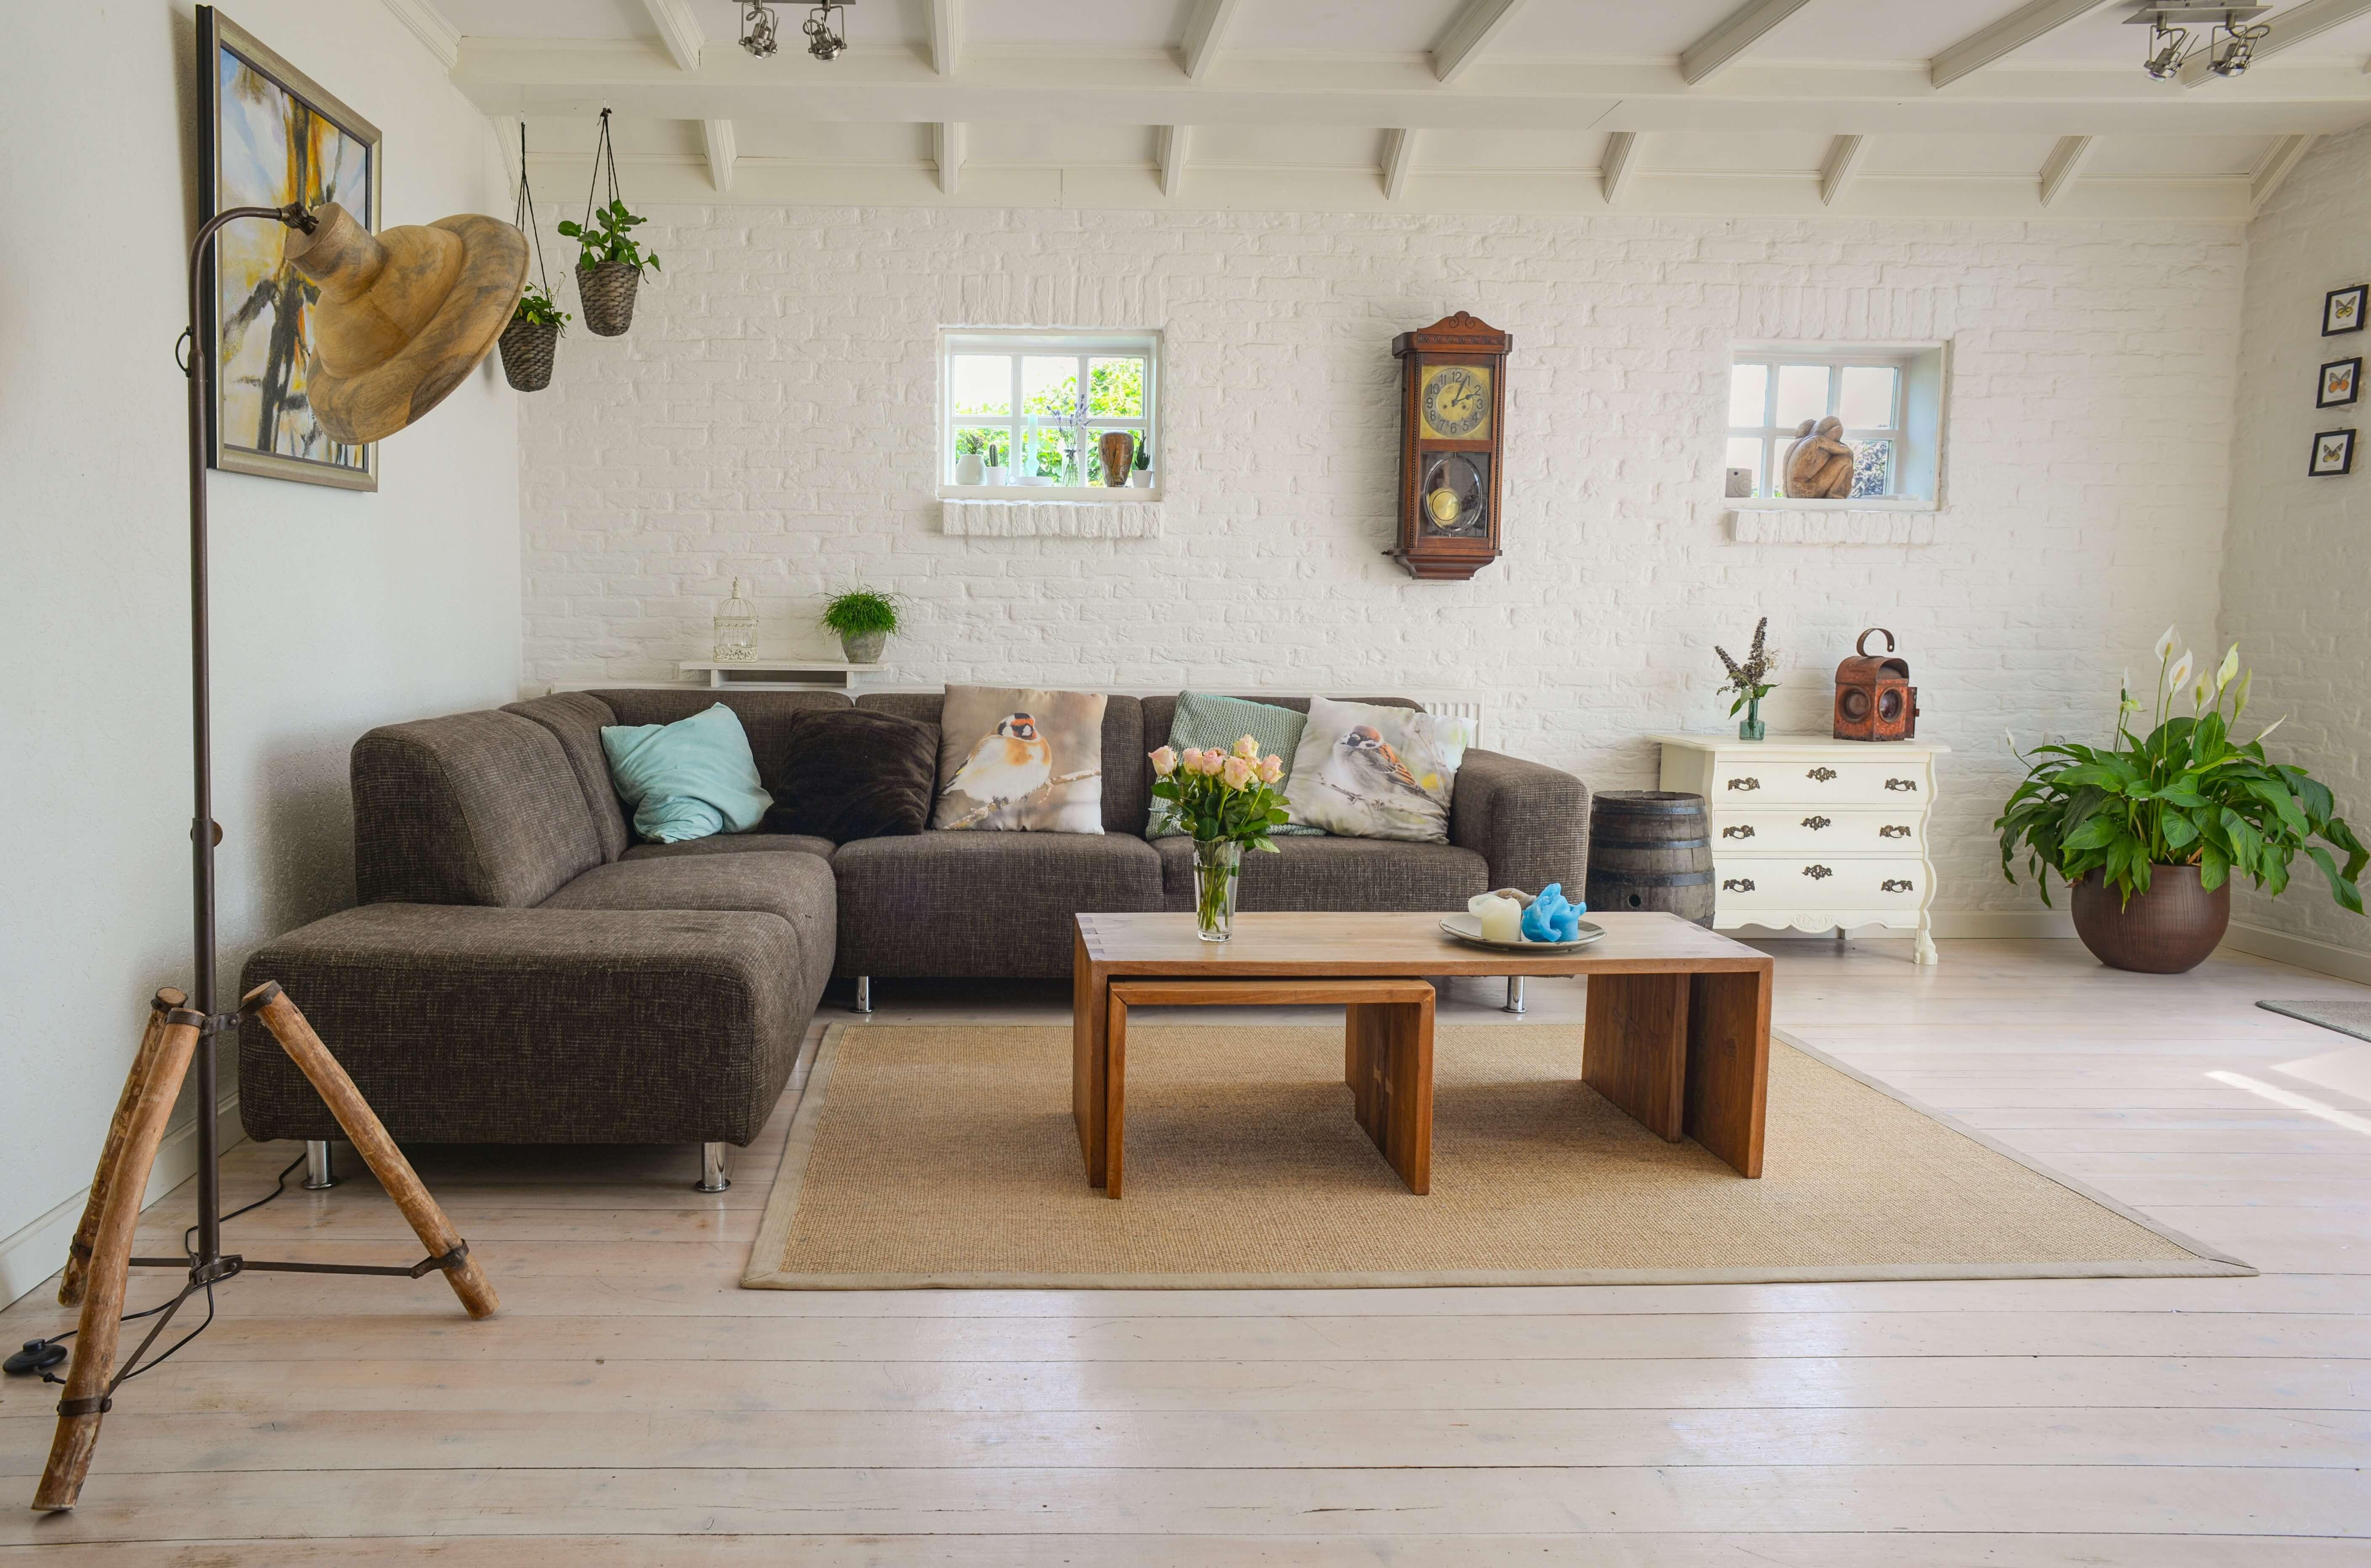 Diseño De Interiores: Encuentra El Estilo Para Ti